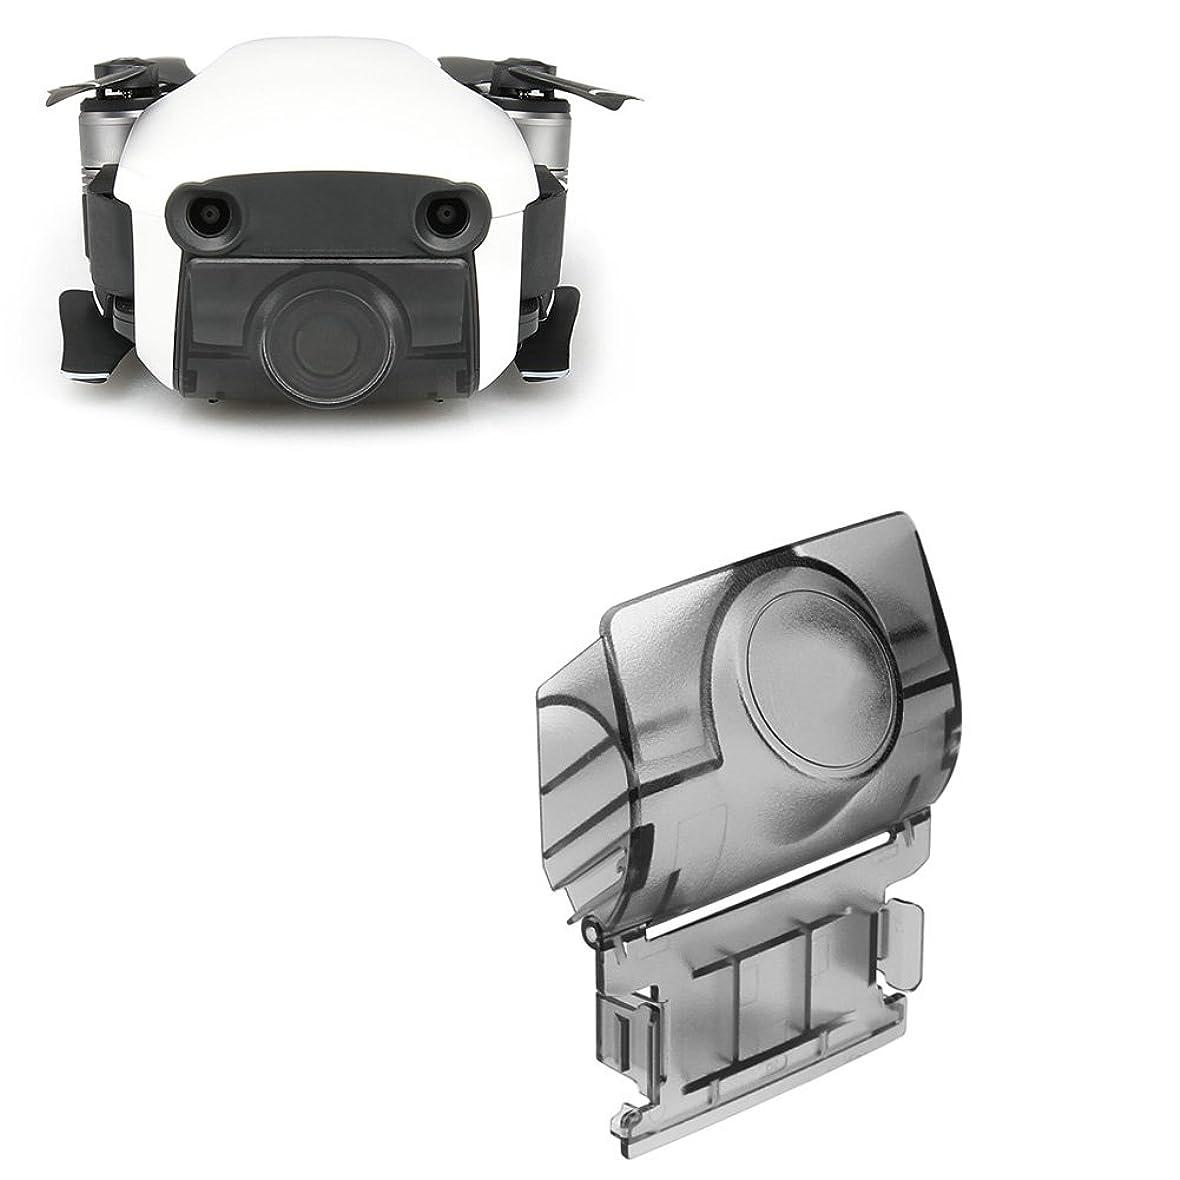 気取らない皮肉不快なKismaple DJI Mavic Air 用 ジンバルカメラレンズ プロテクター 前面3Dセンサーシステム画面 カバーレンズ 保護キャップ (グレー)